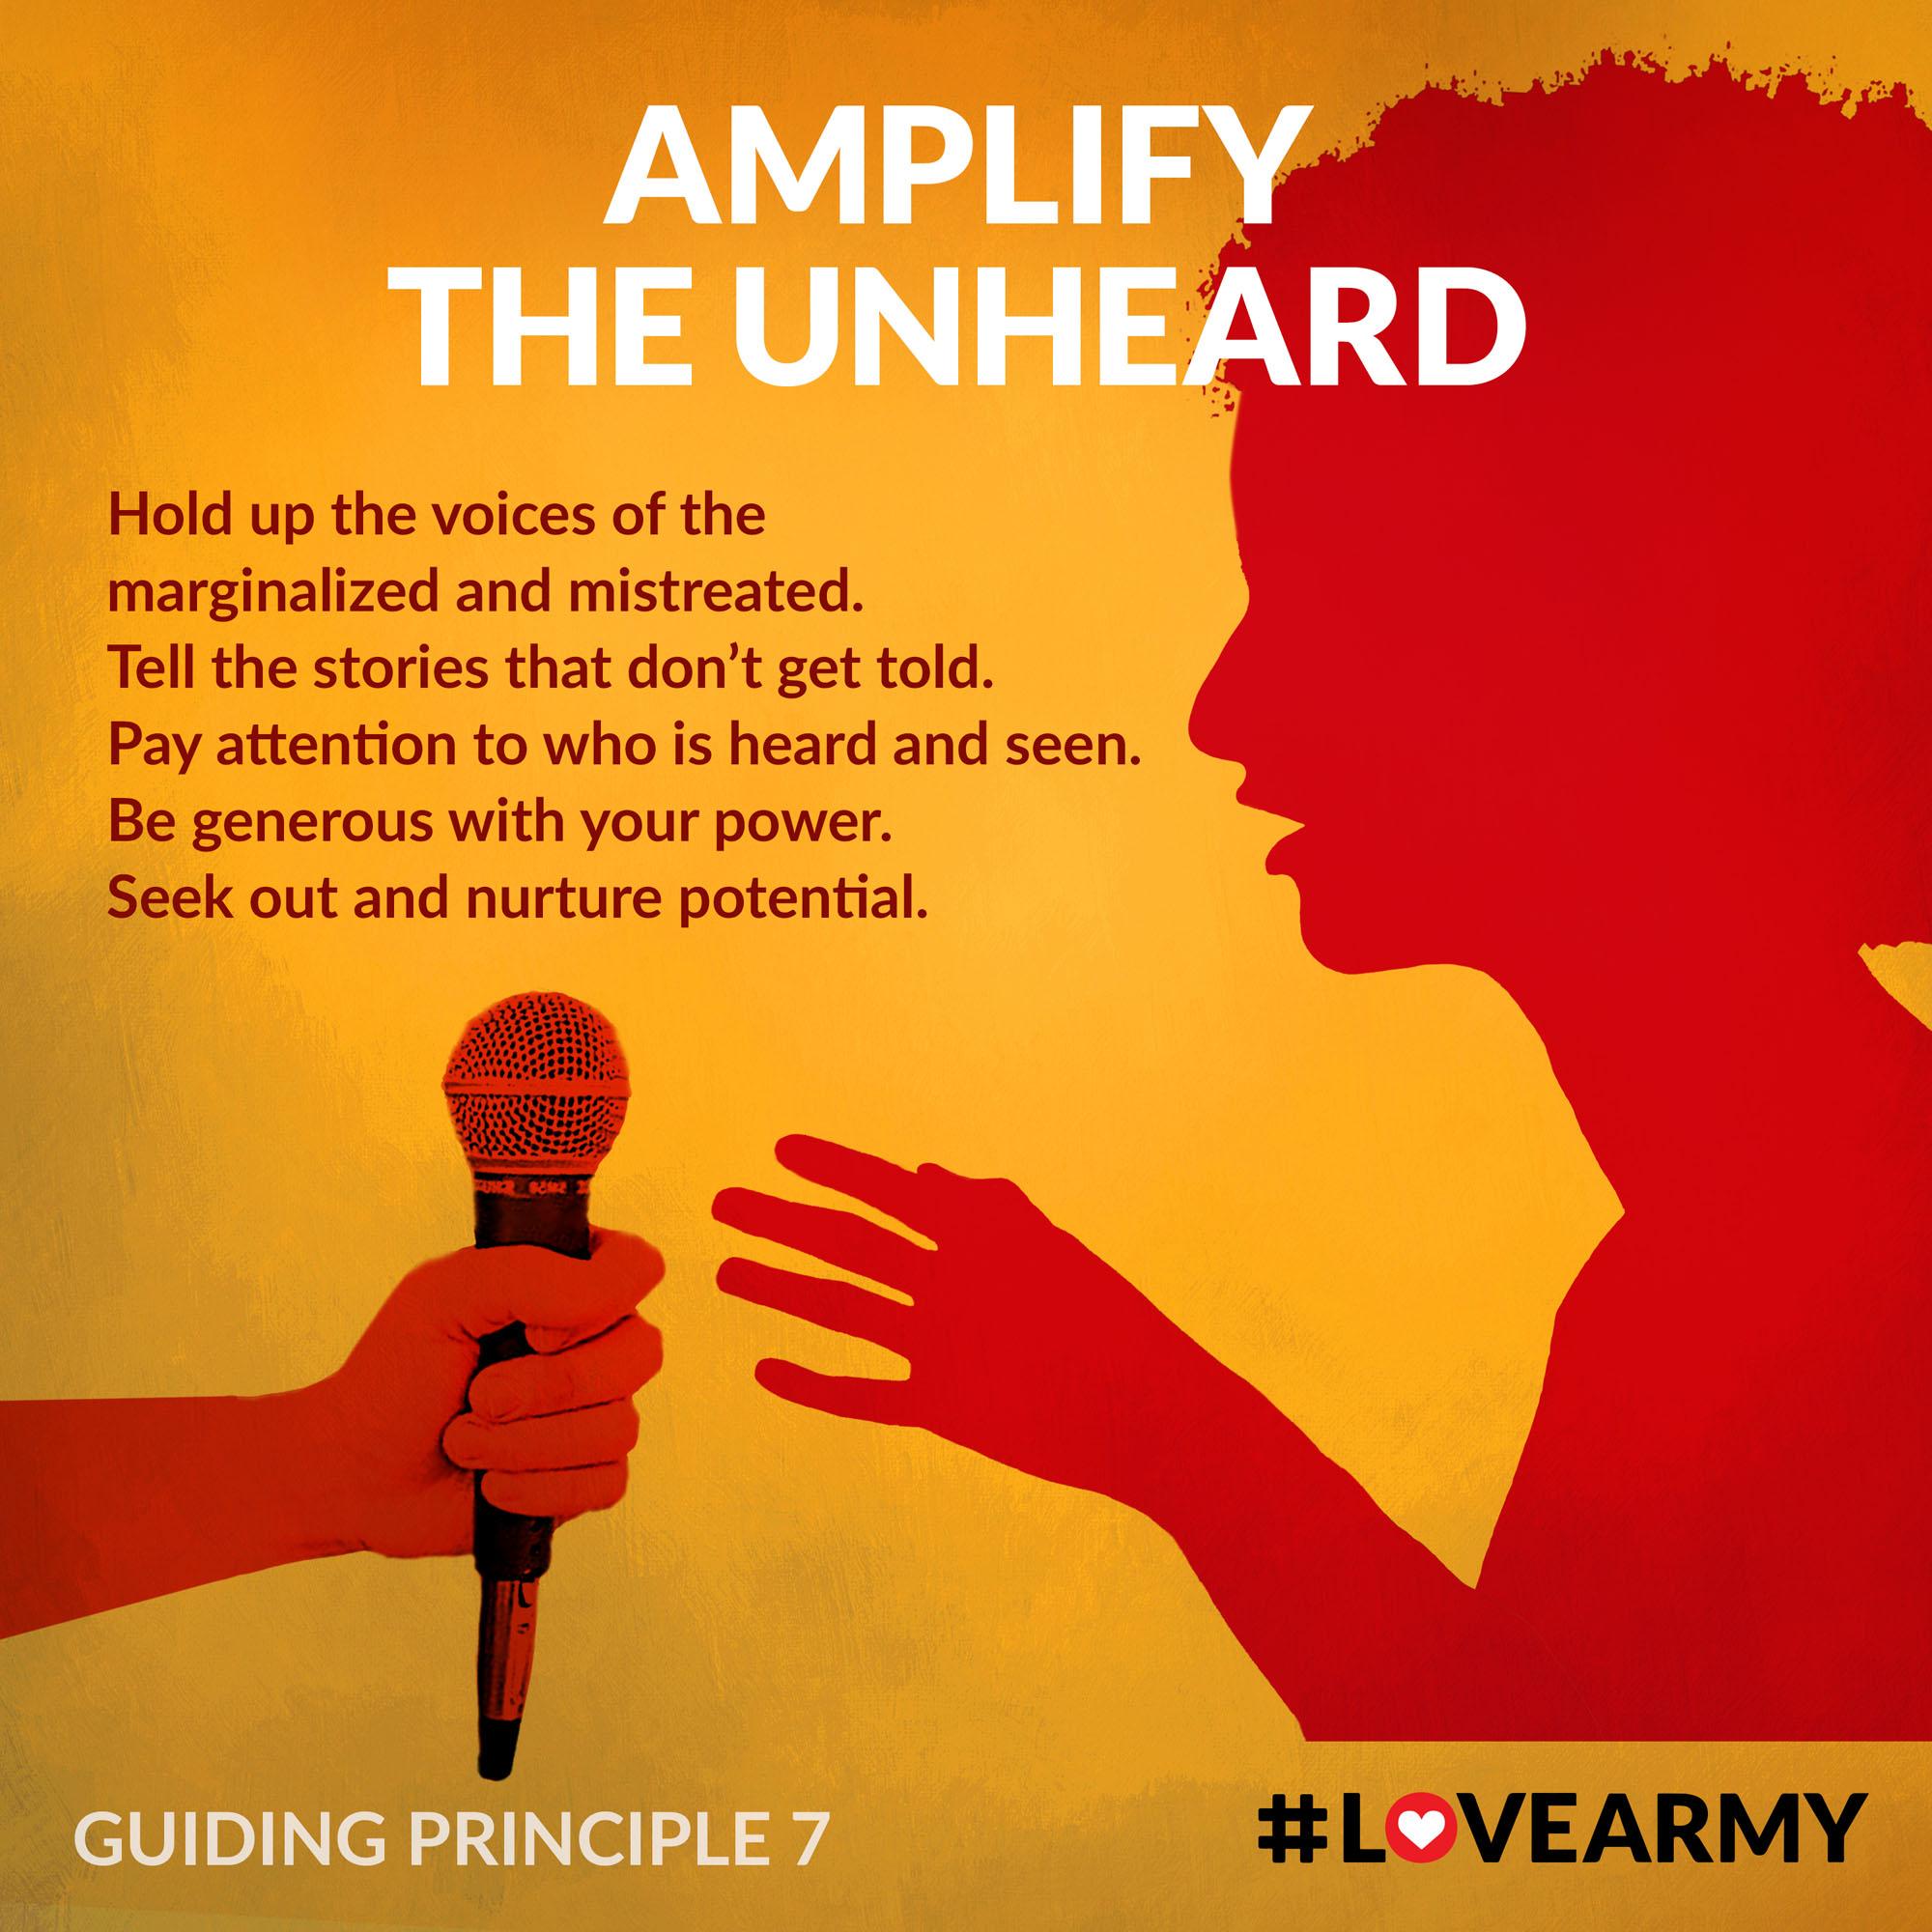 Amplify The Unheard